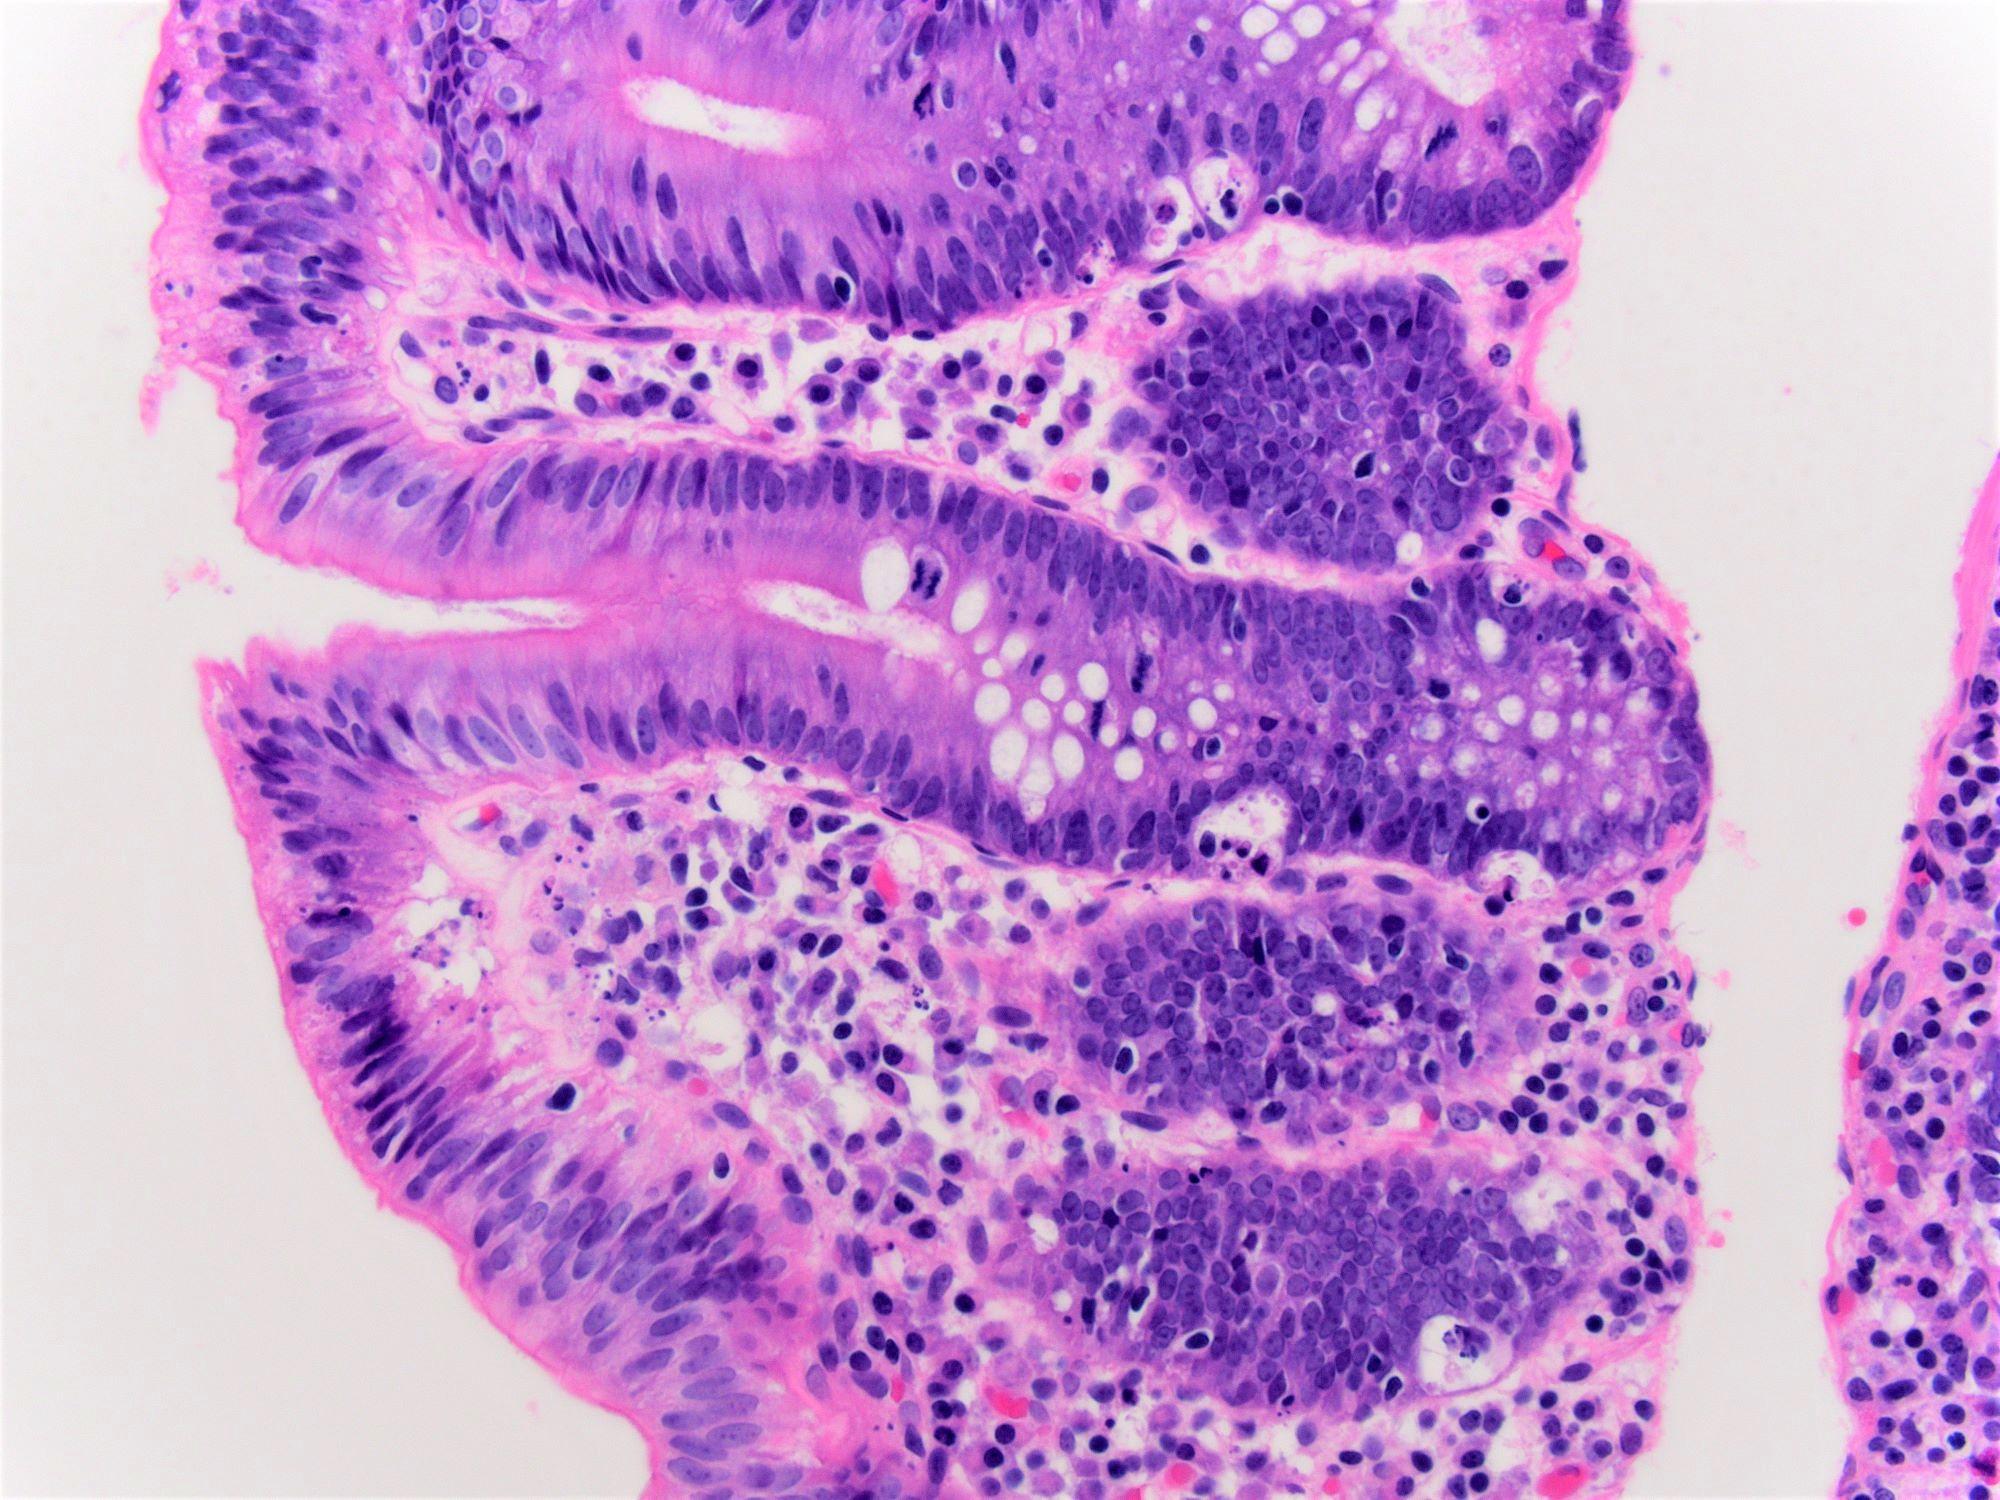 Colon biopsy